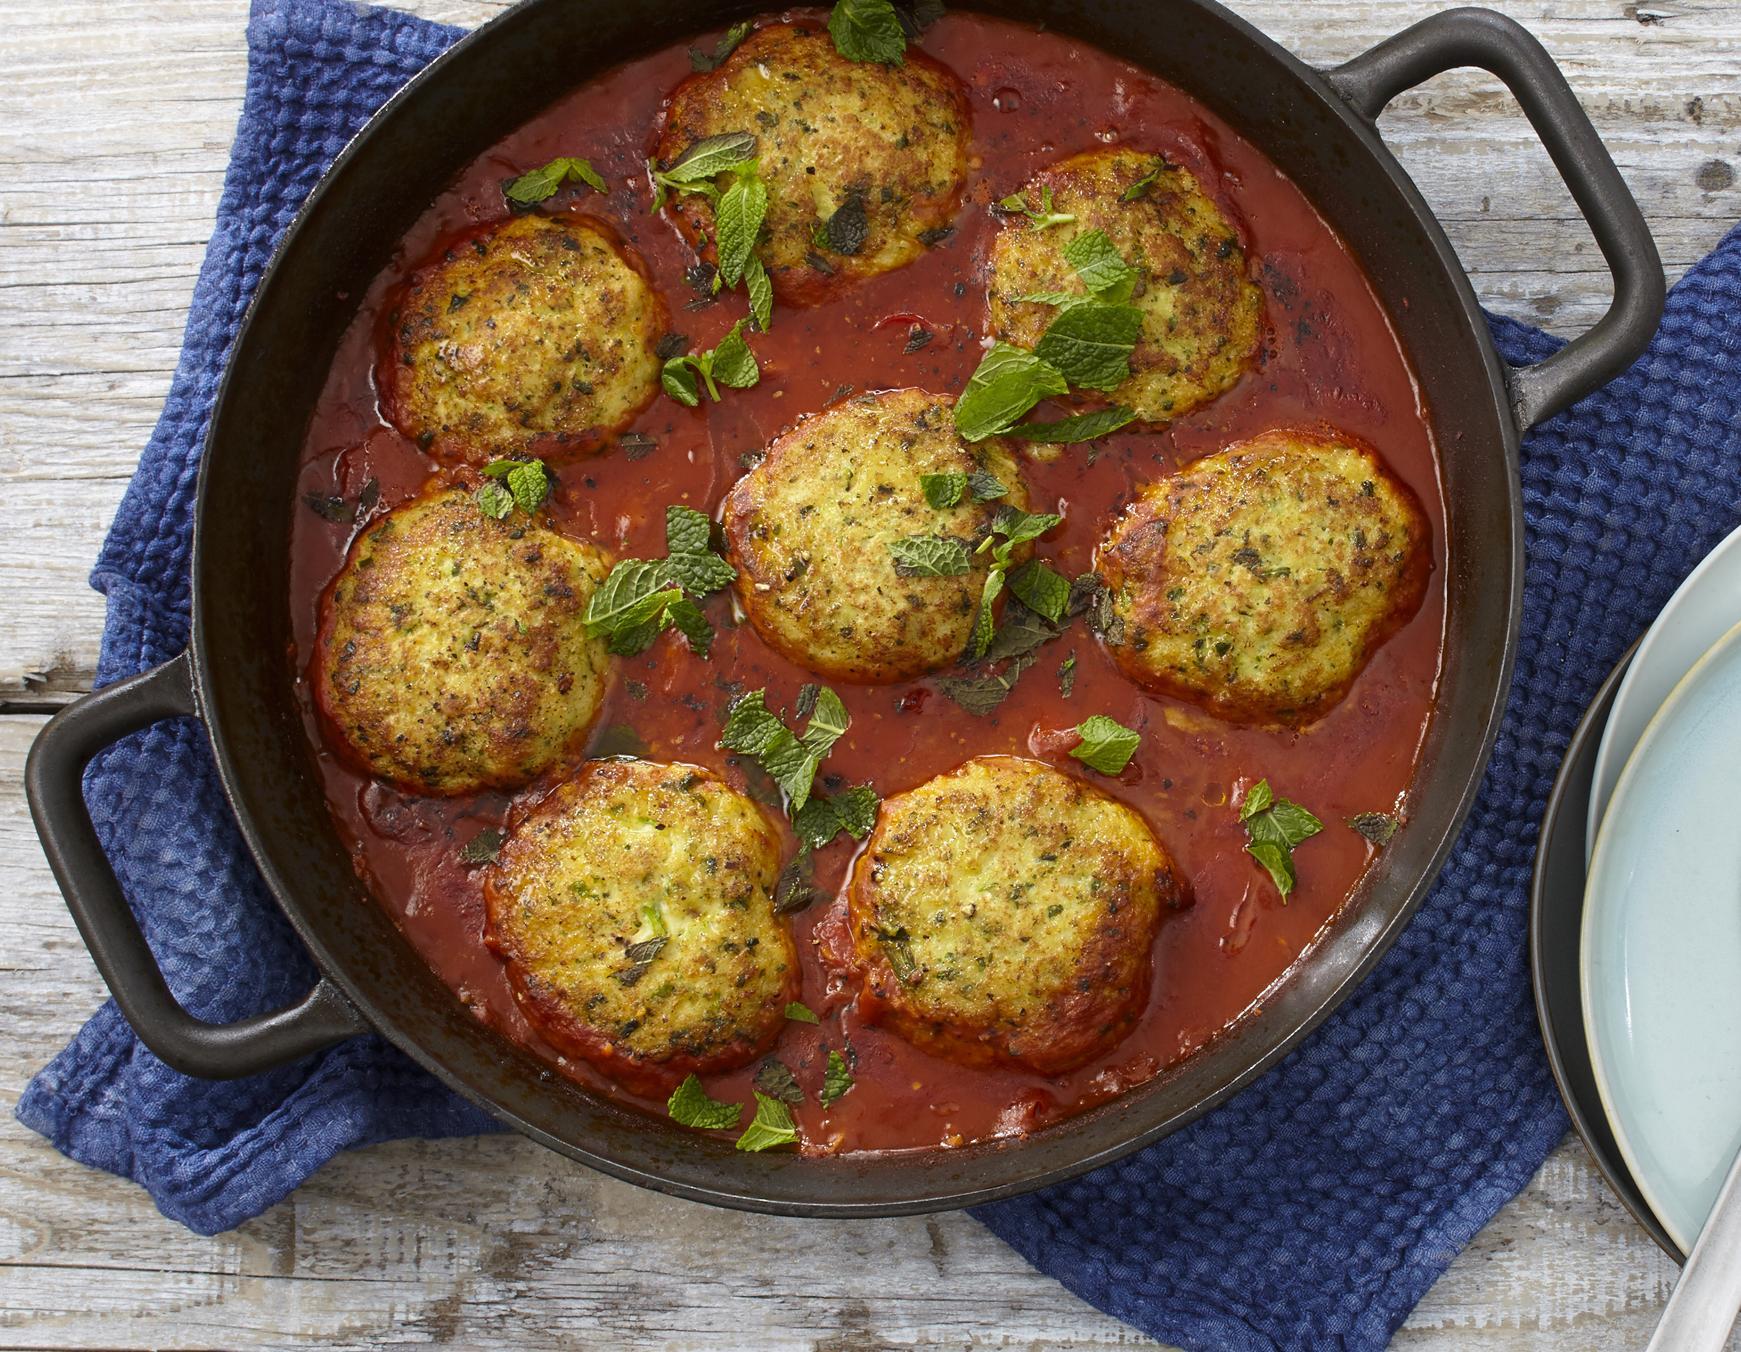 Fischfrikadellen in Tomatensauce geschmort